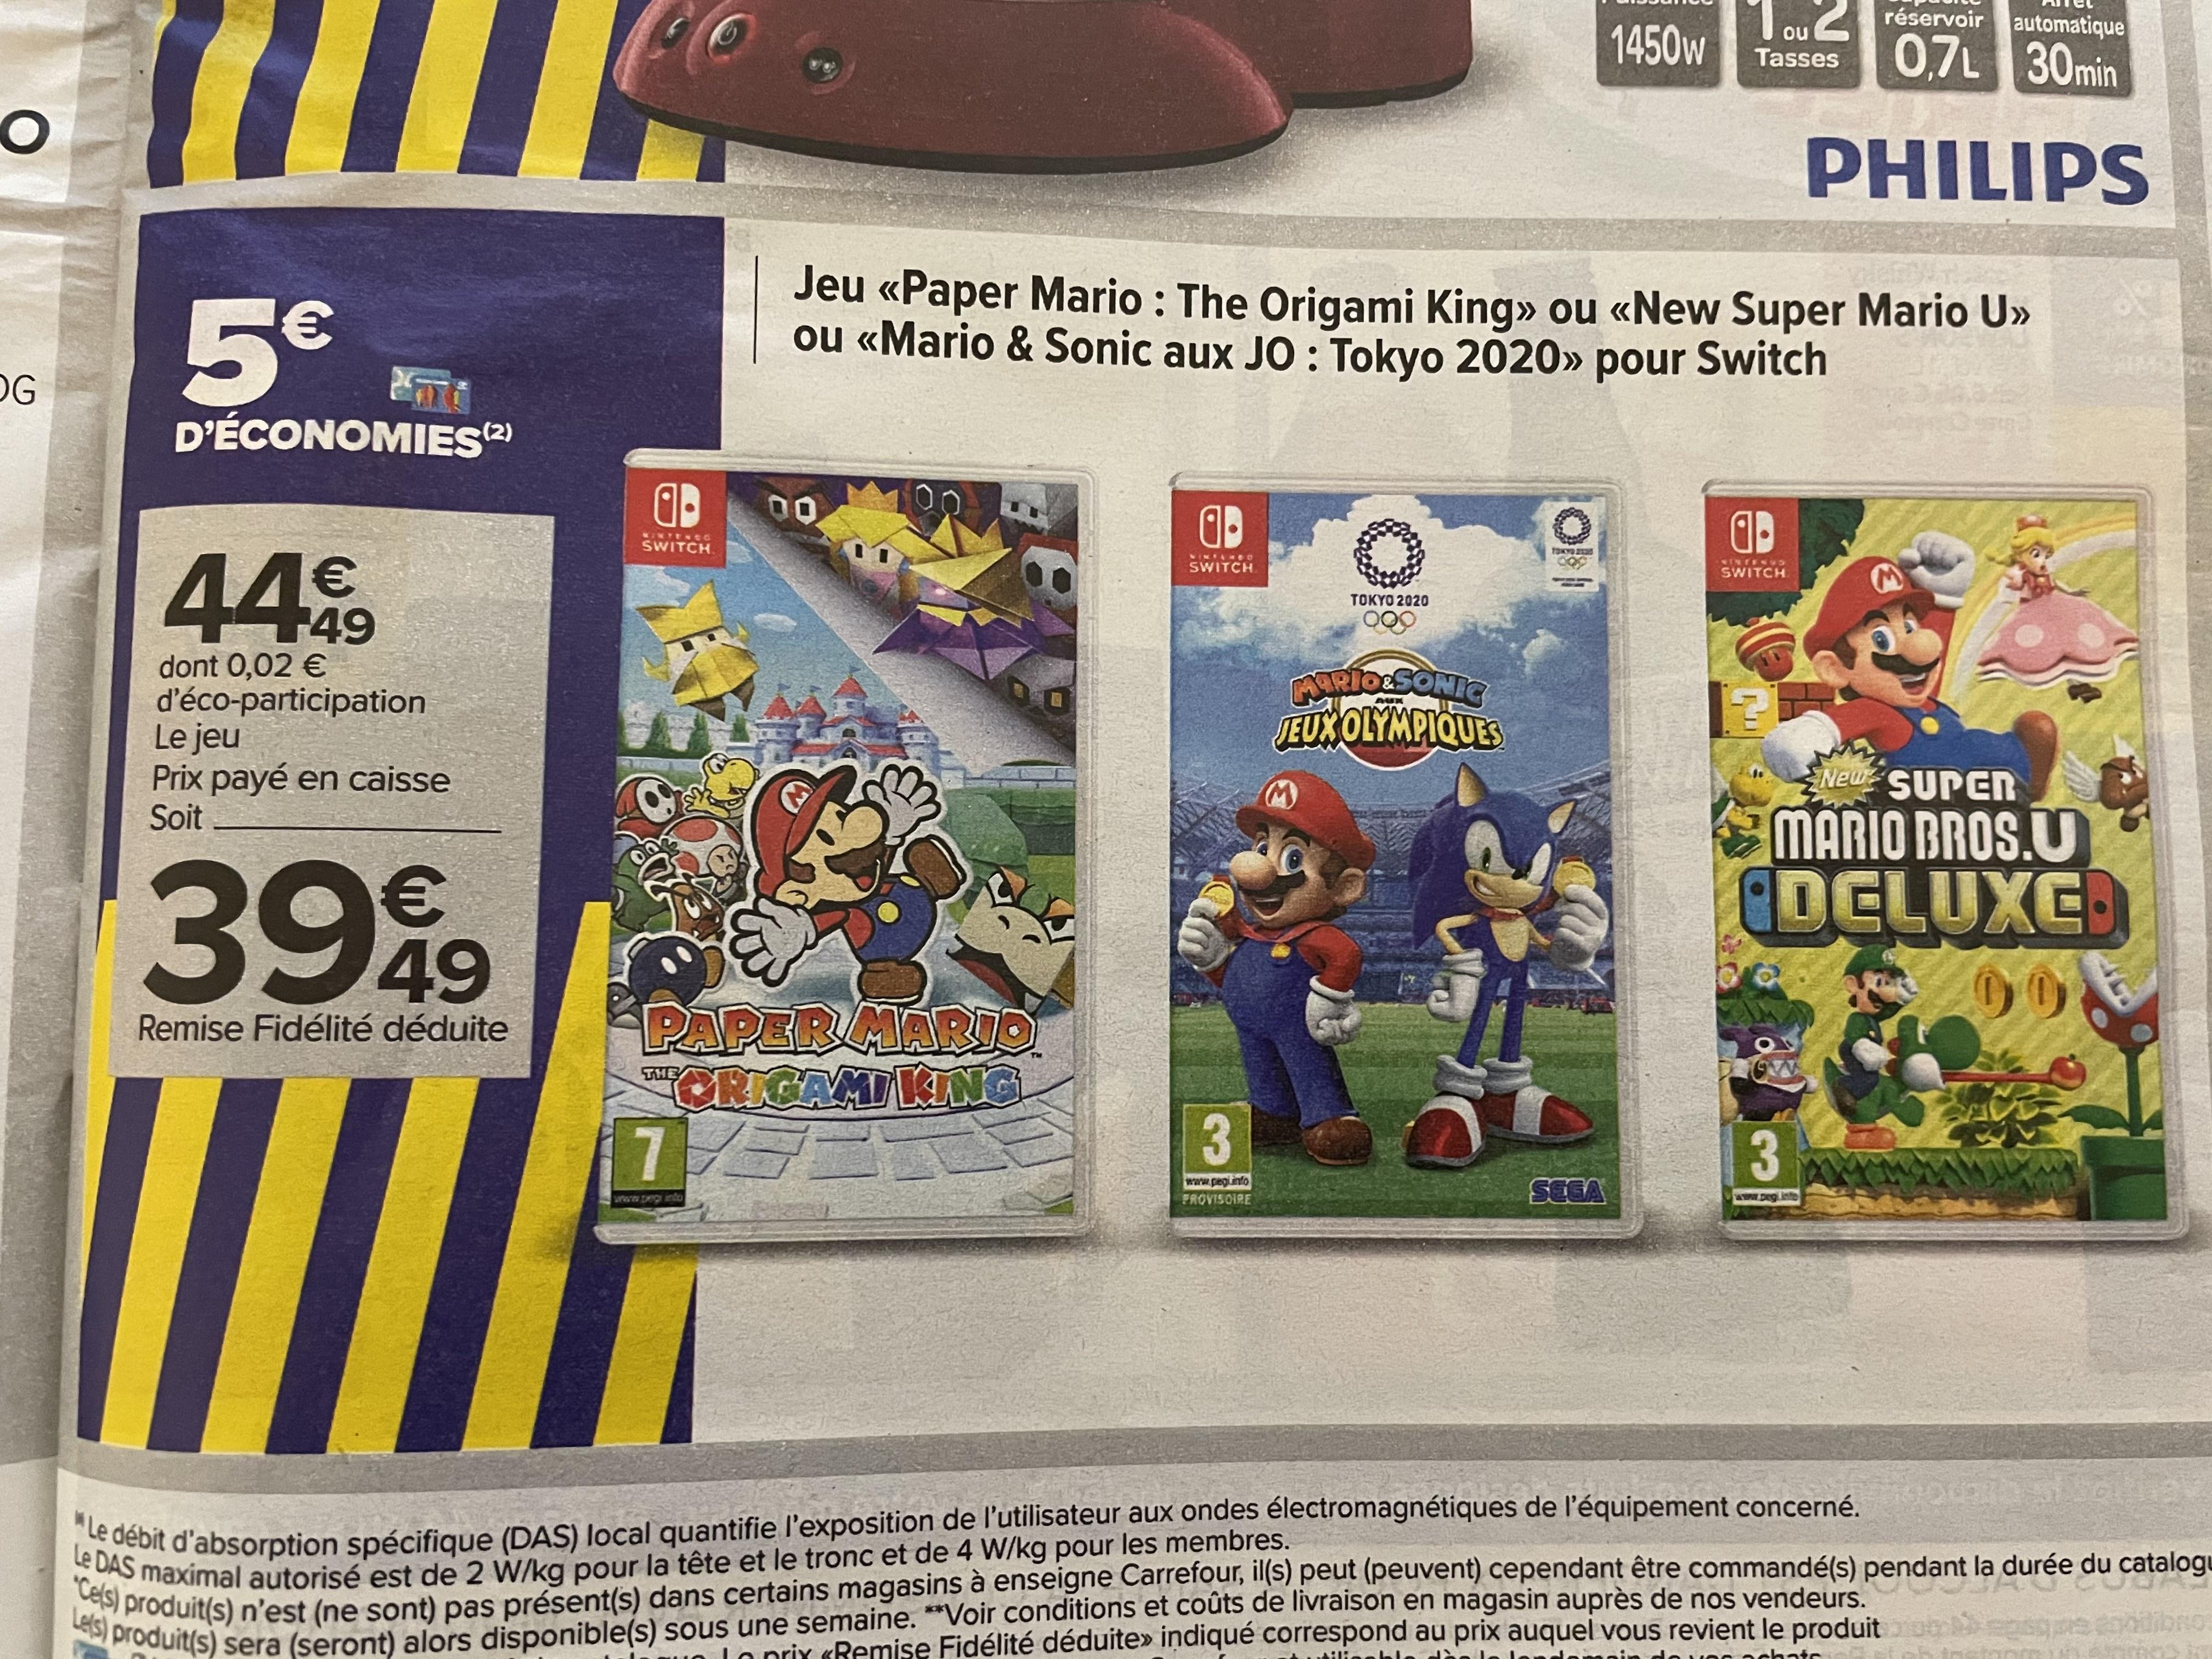 Sélection de jeux pour Switch à 39.49€ - Ex : New Super Mario Bros U. Deluxe (via 5€ sur la carte de fidélité) - Créteil Soleil (94)